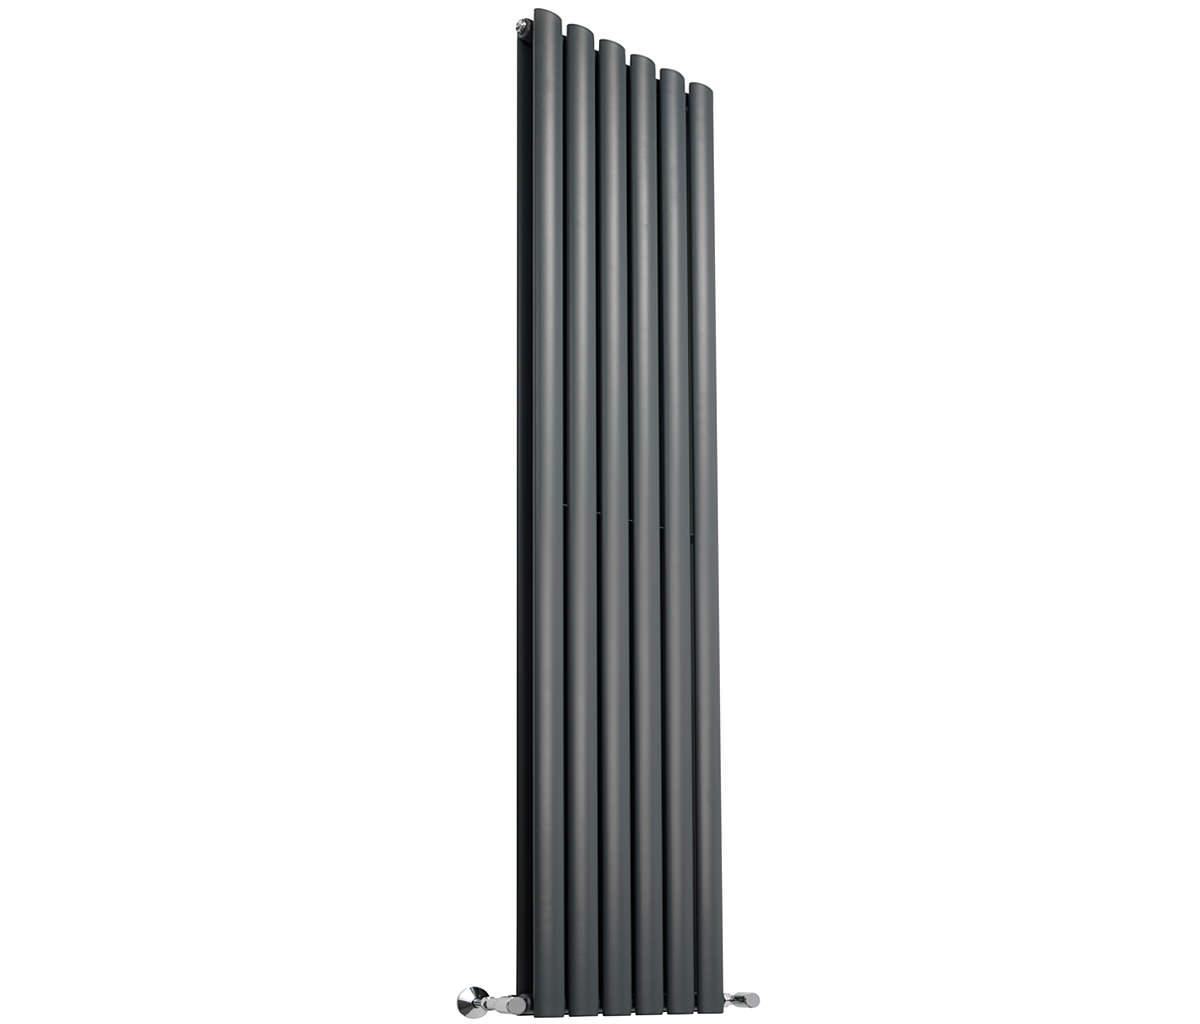 beo 354 x 1800mm double panel vertical designer radiator. Black Bedroom Furniture Sets. Home Design Ideas